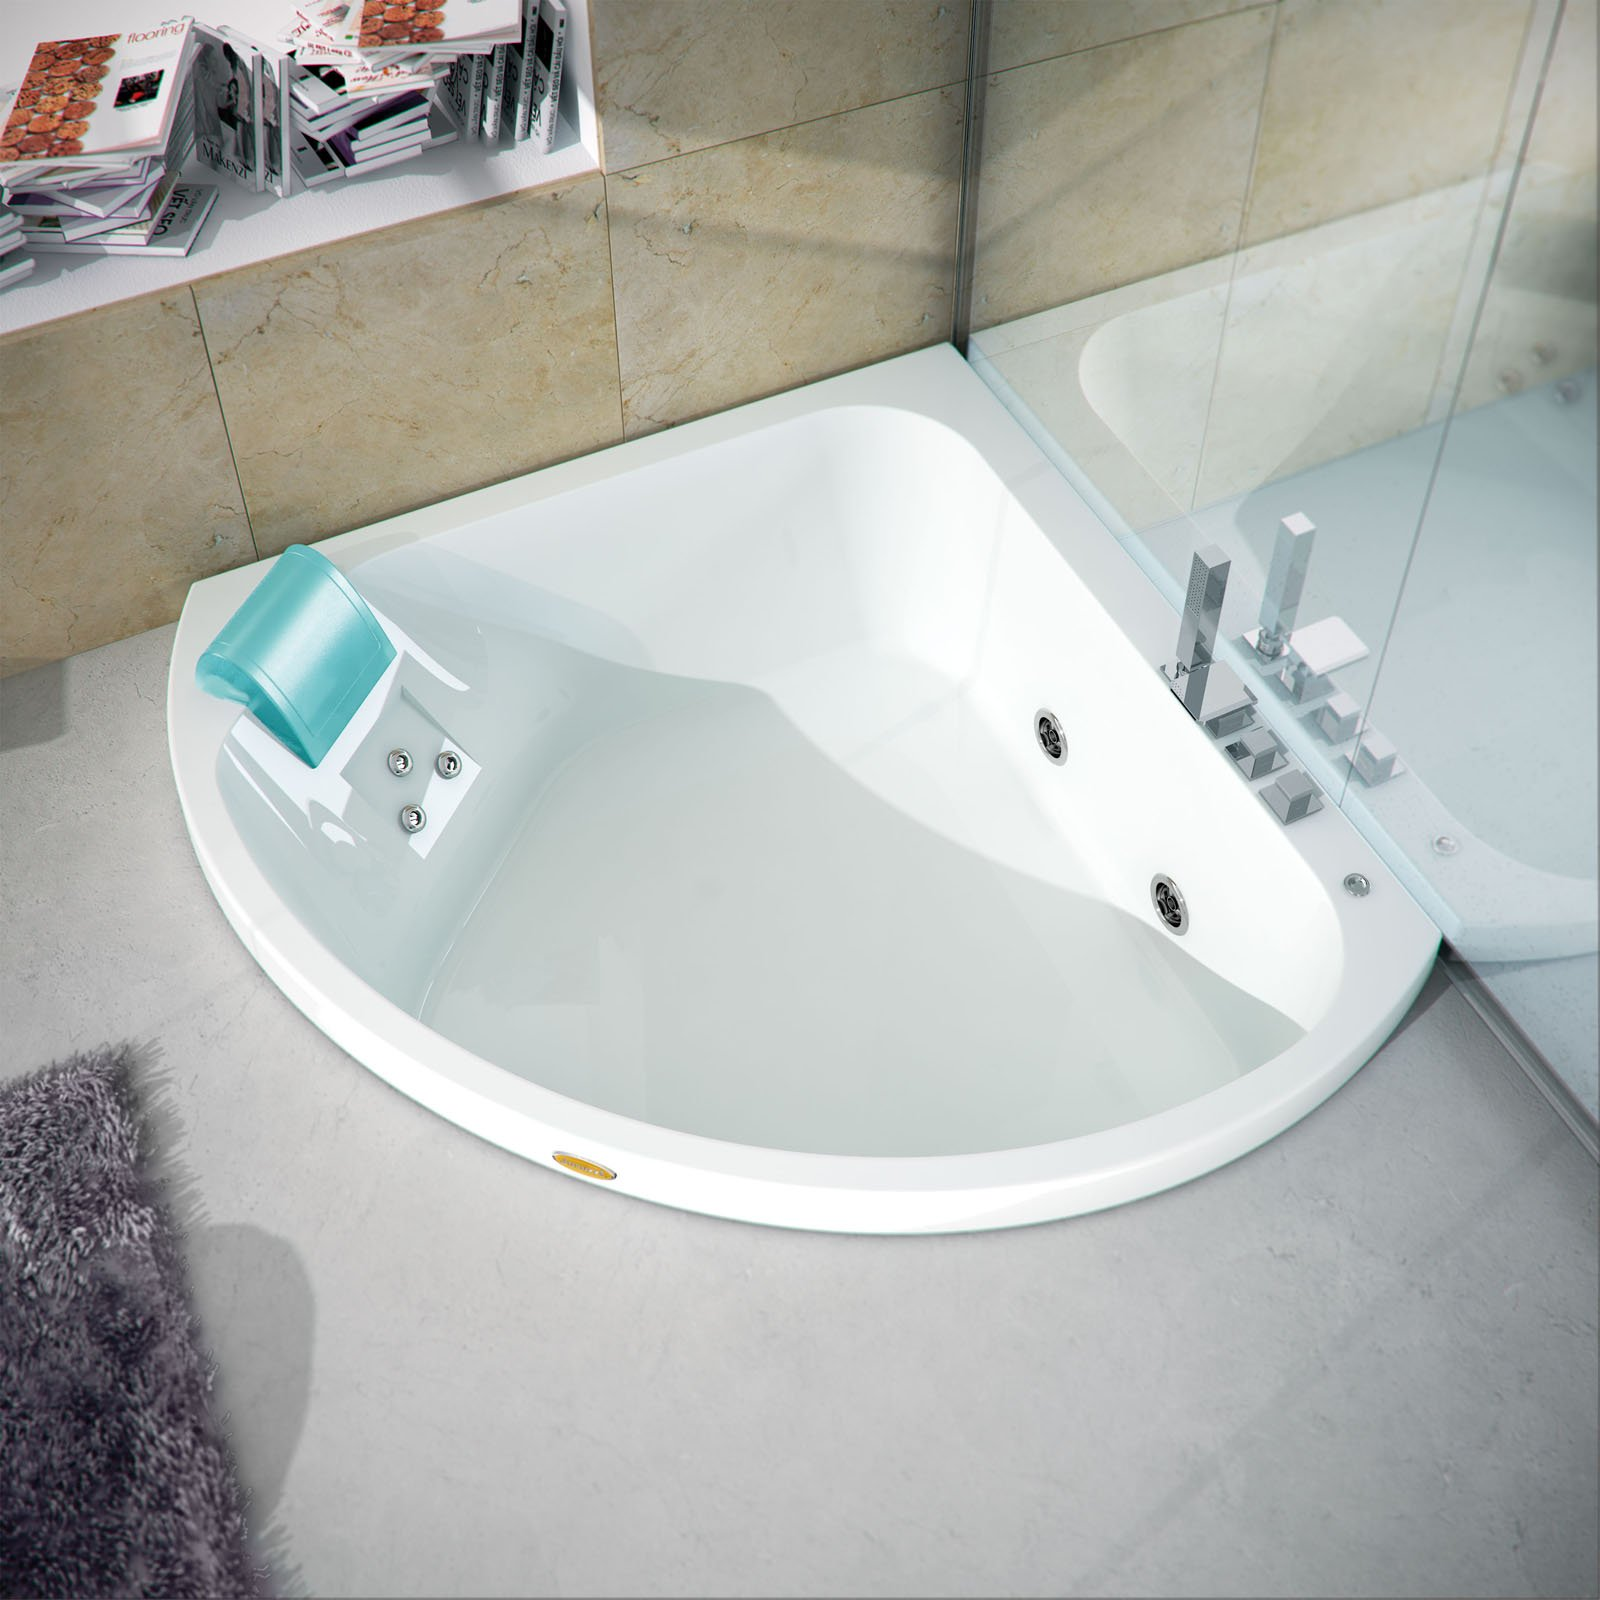 Vasche da bagno piccole cose di casa for Vasche da bagno piccole prezzi